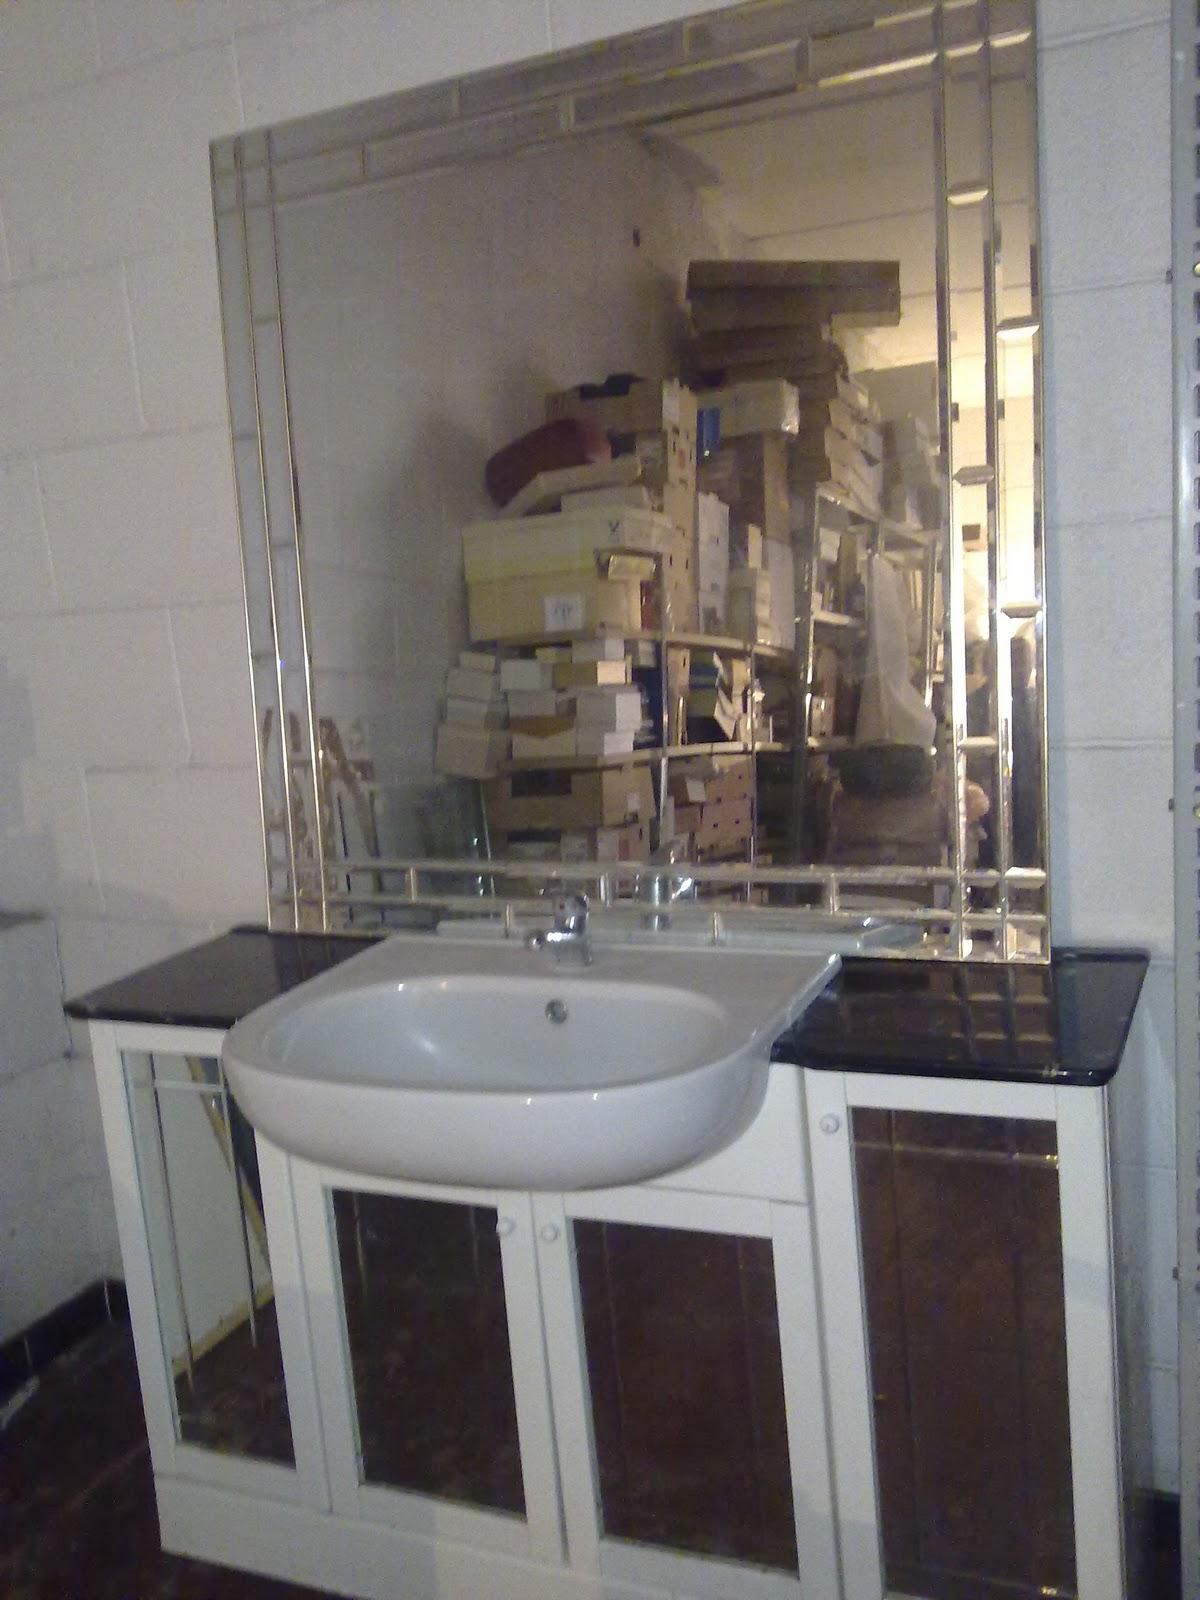 Arredamento usato a roma - Mobile bagno usato roma ...